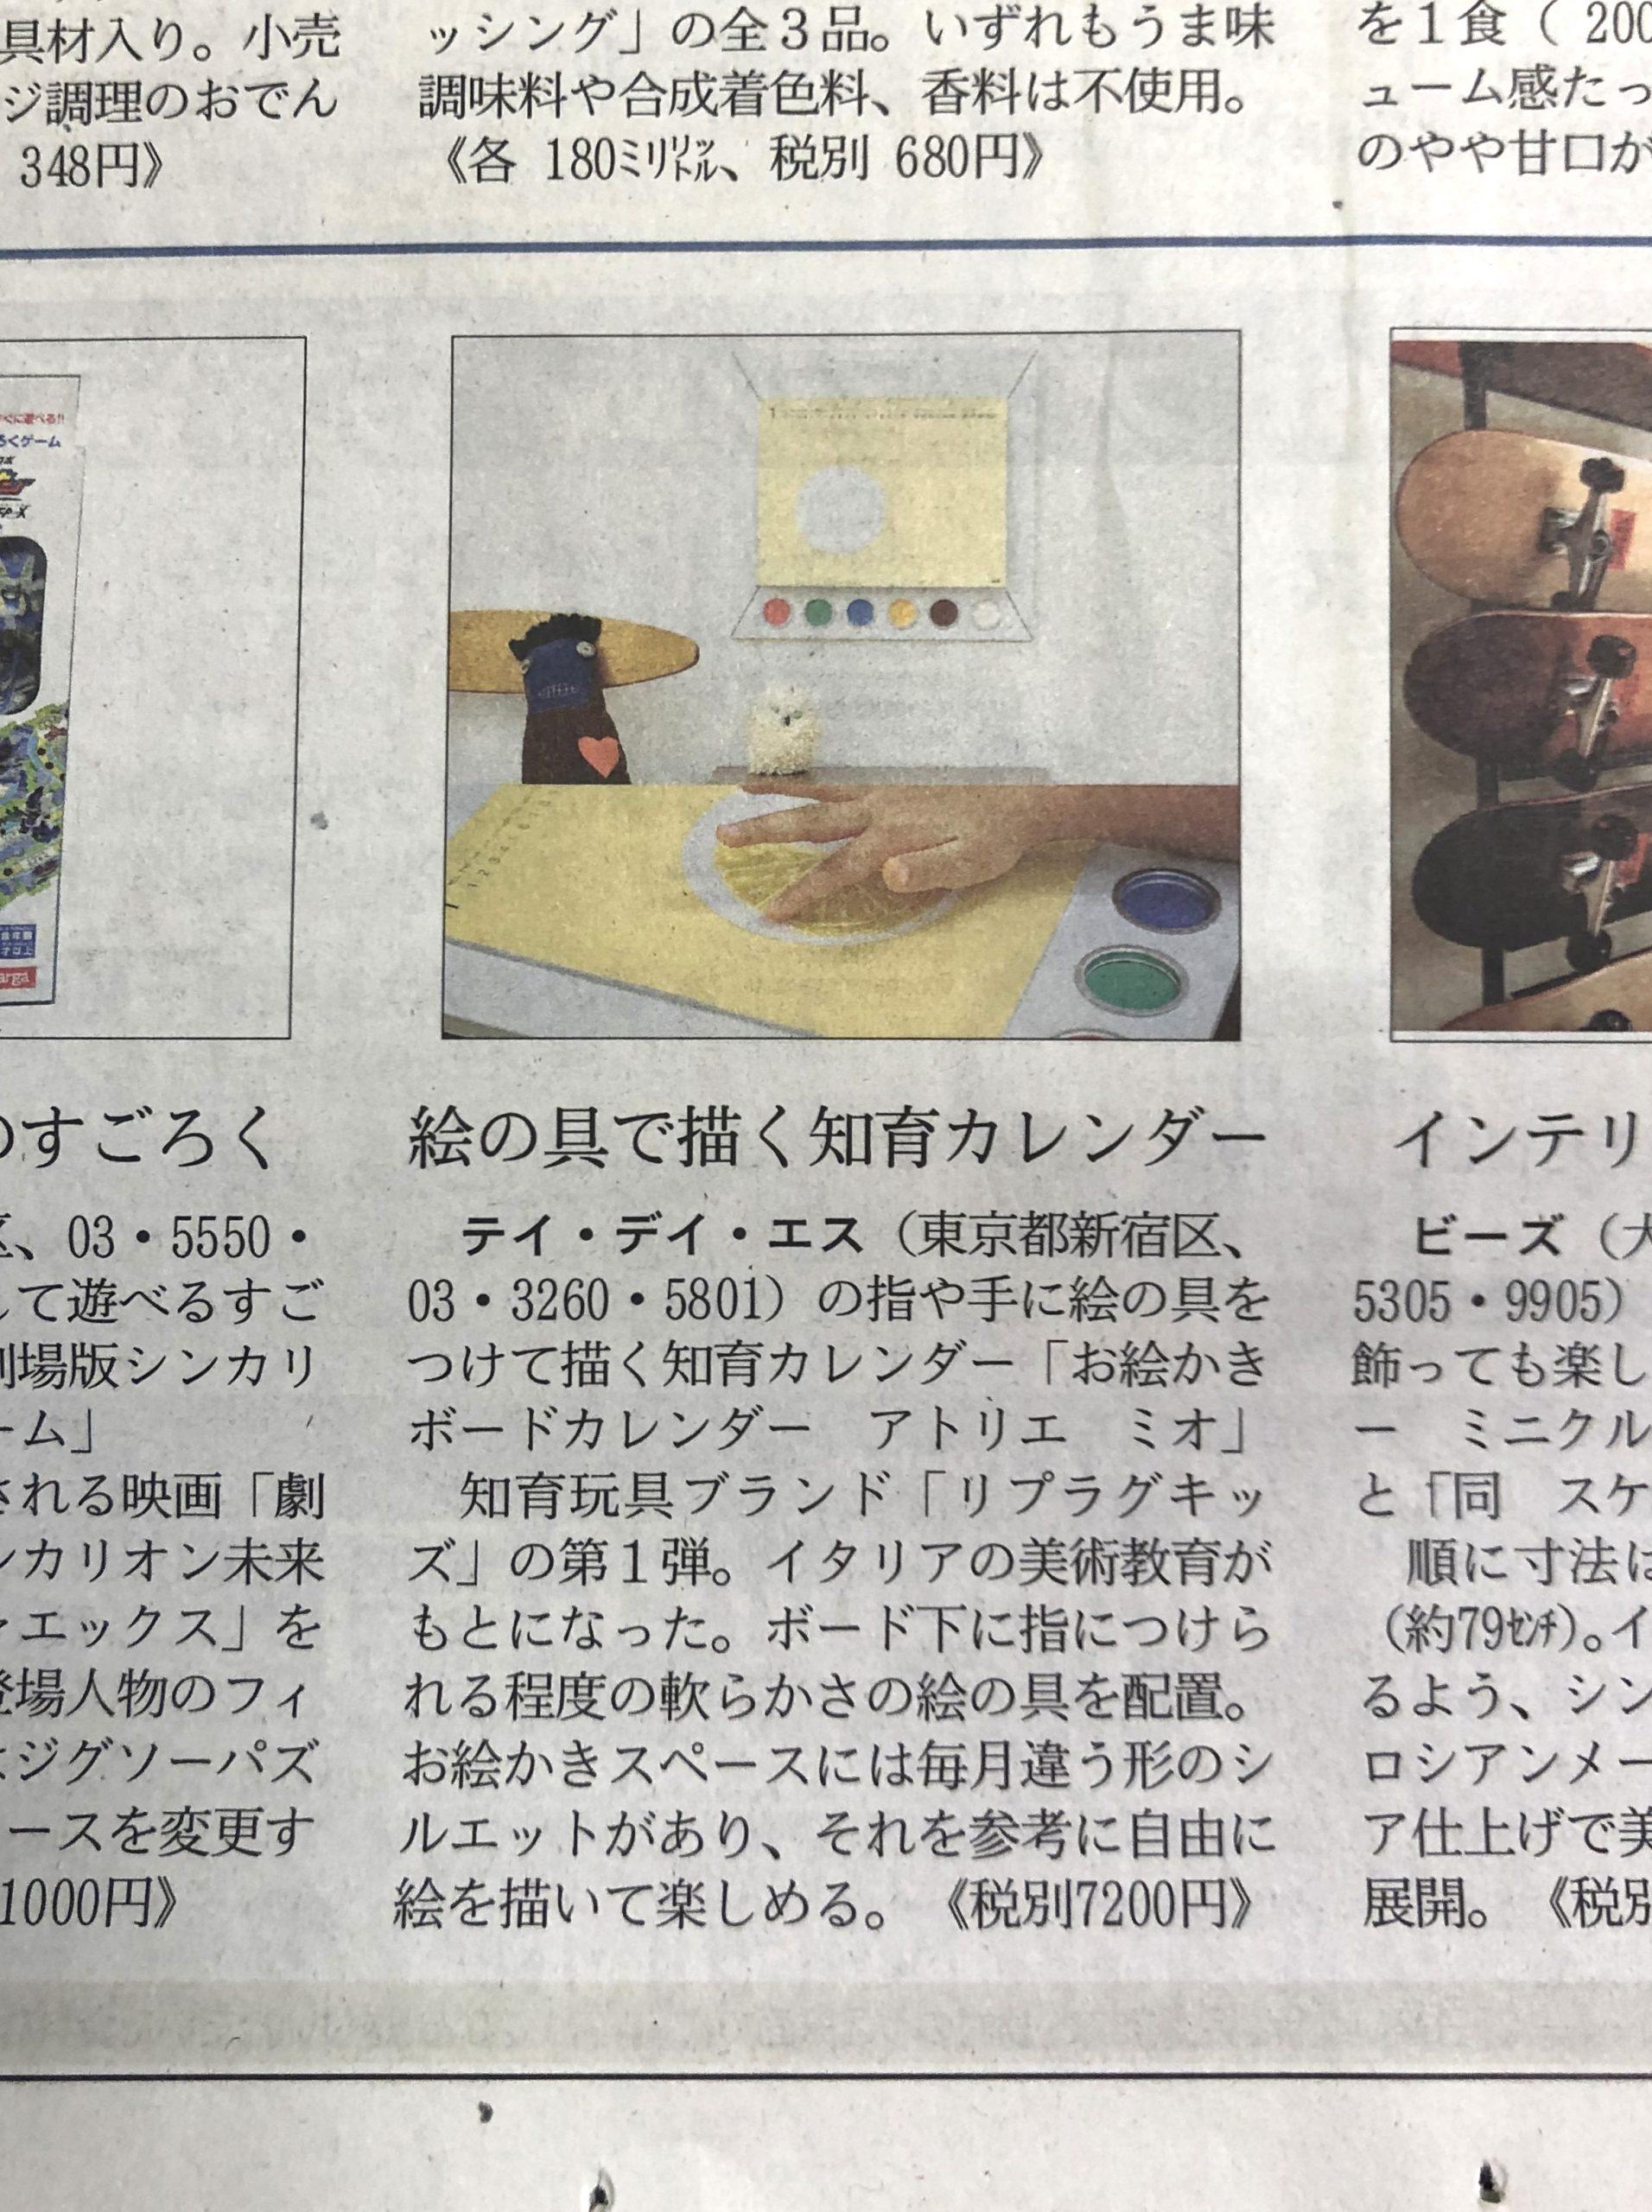 お絵かきボードカレンダーアトリエミオが日経MJに掲載されました